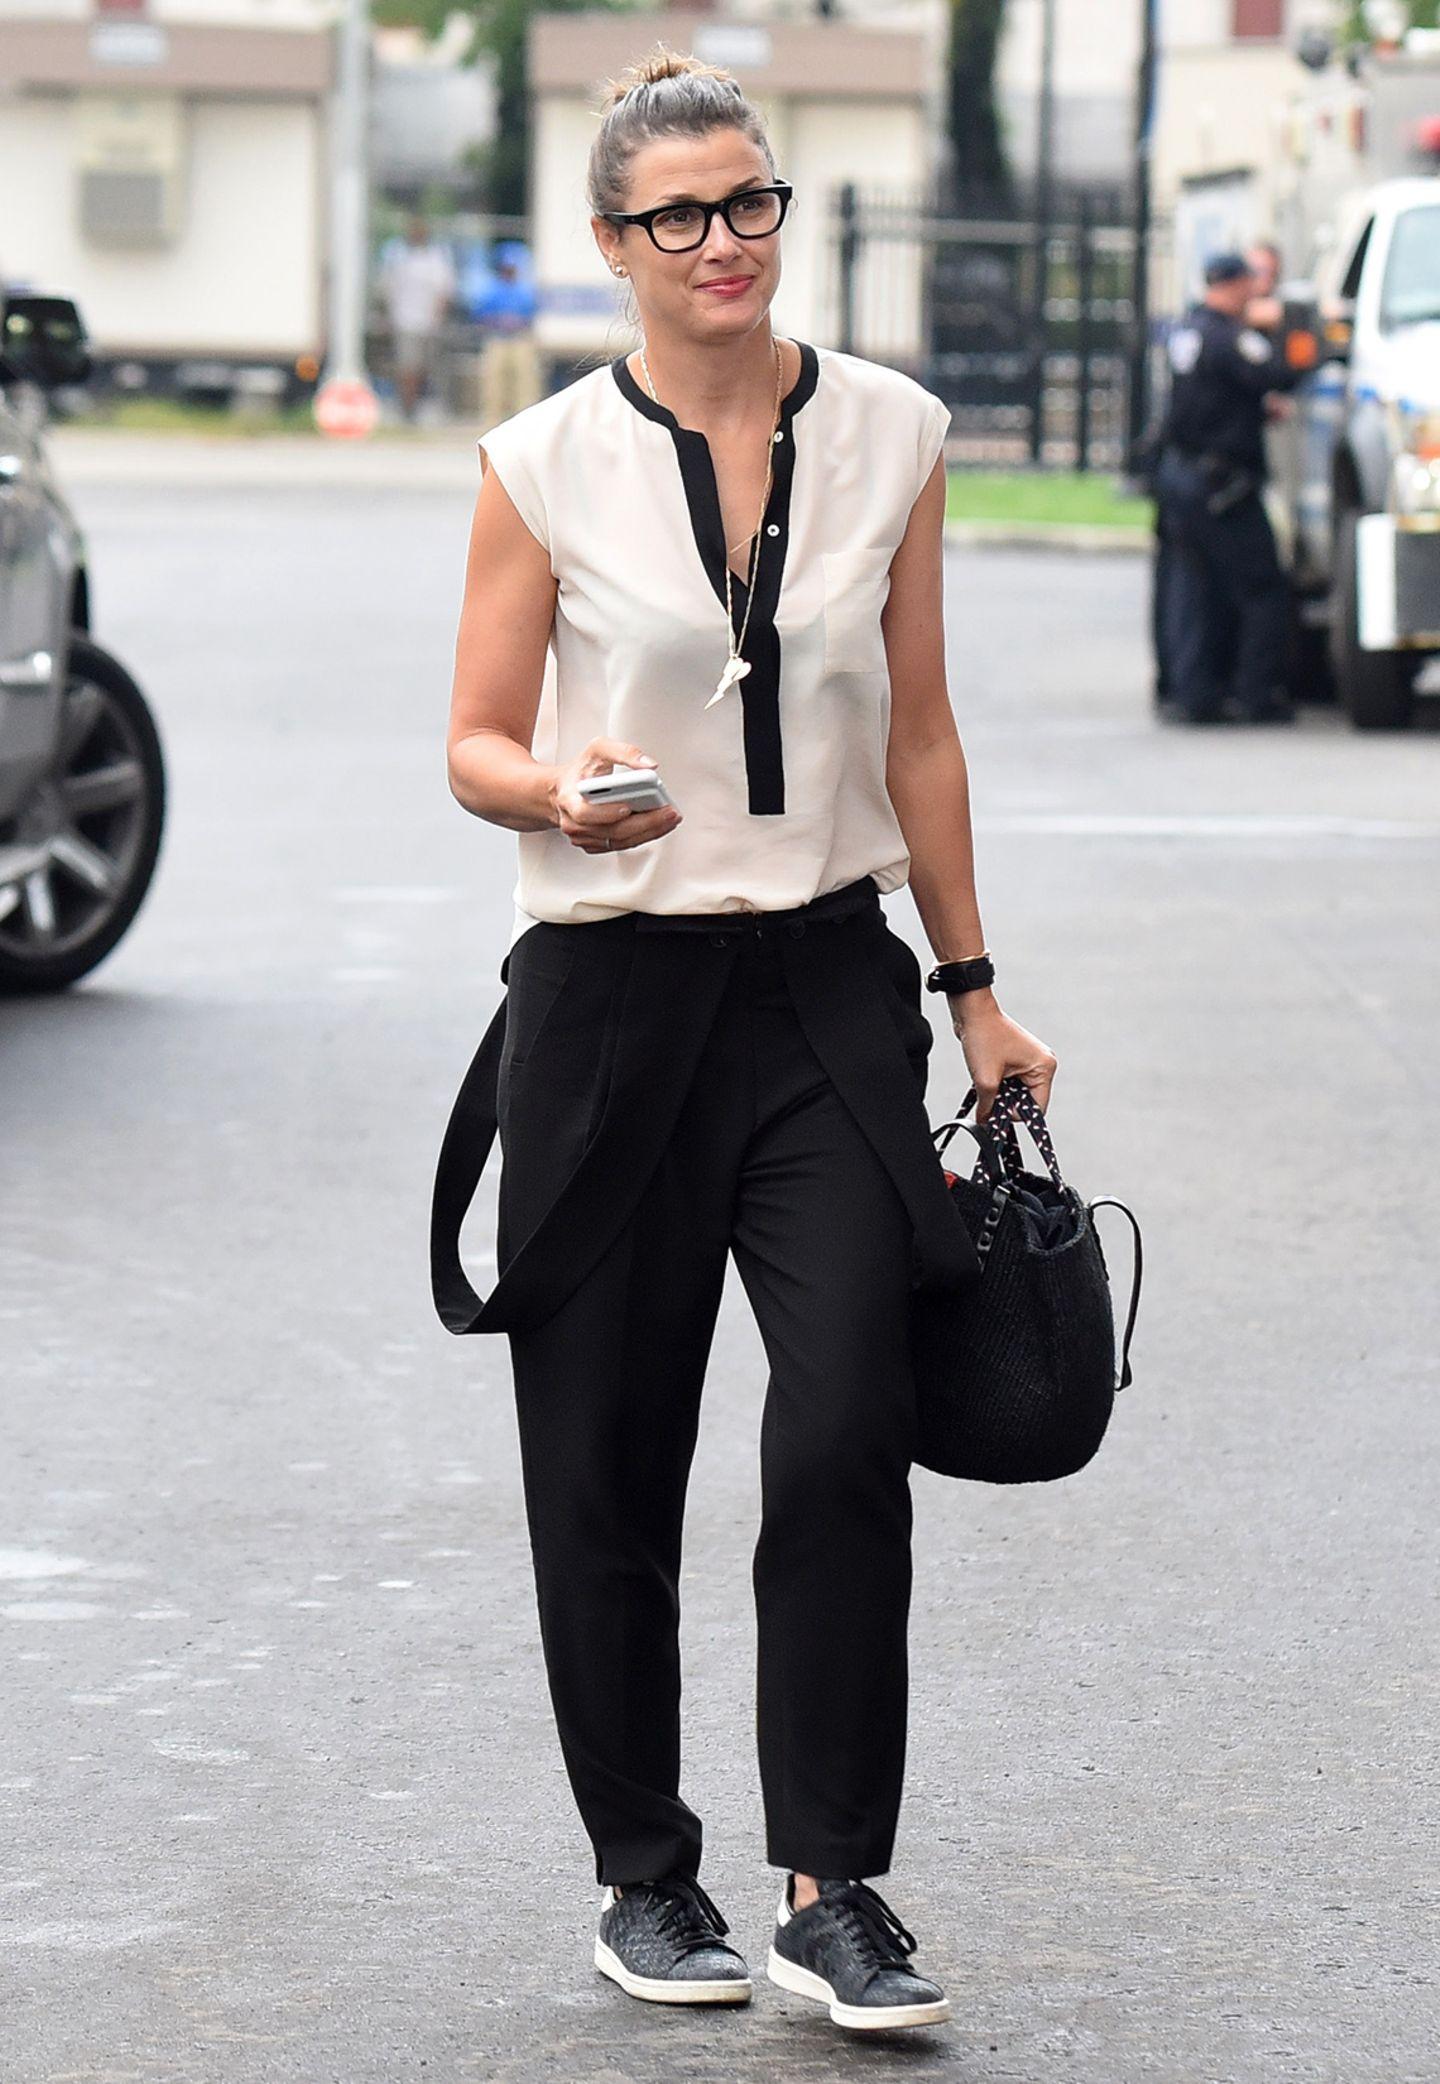 Sportlich-elegant in Schwarz-Weiß zeigt sich Bridget Moynahan als Zuschauerin bei den US Open in New York